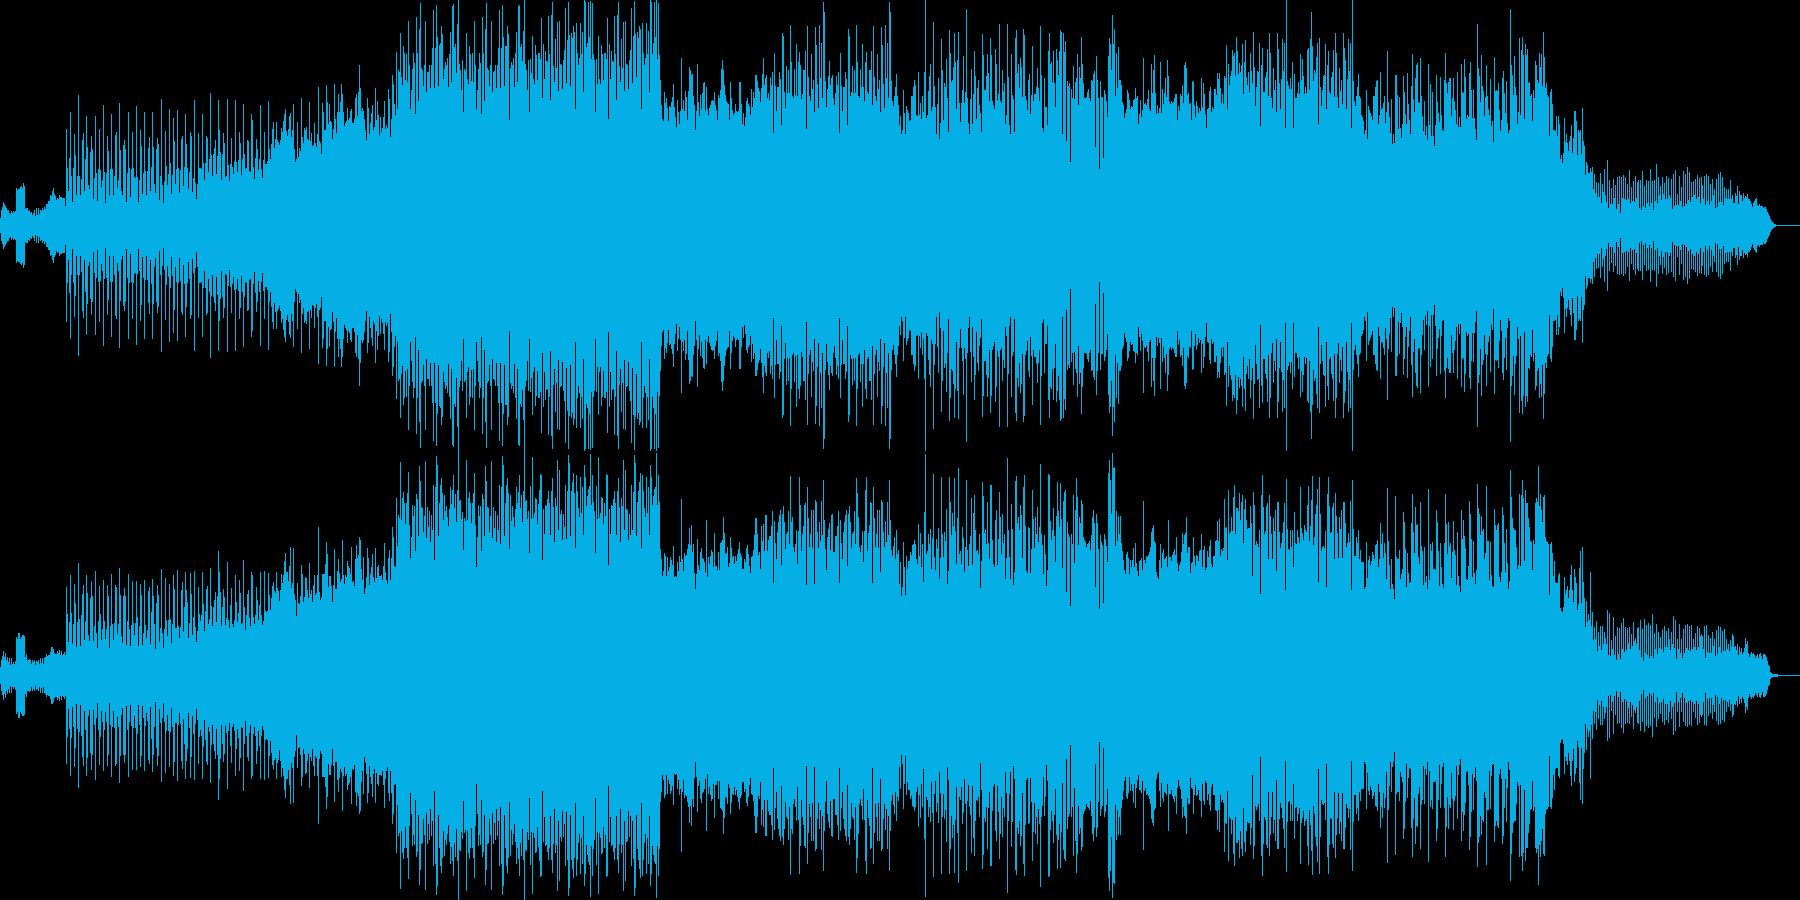 サイケデリックミュージック。クレイ...の再生済みの波形